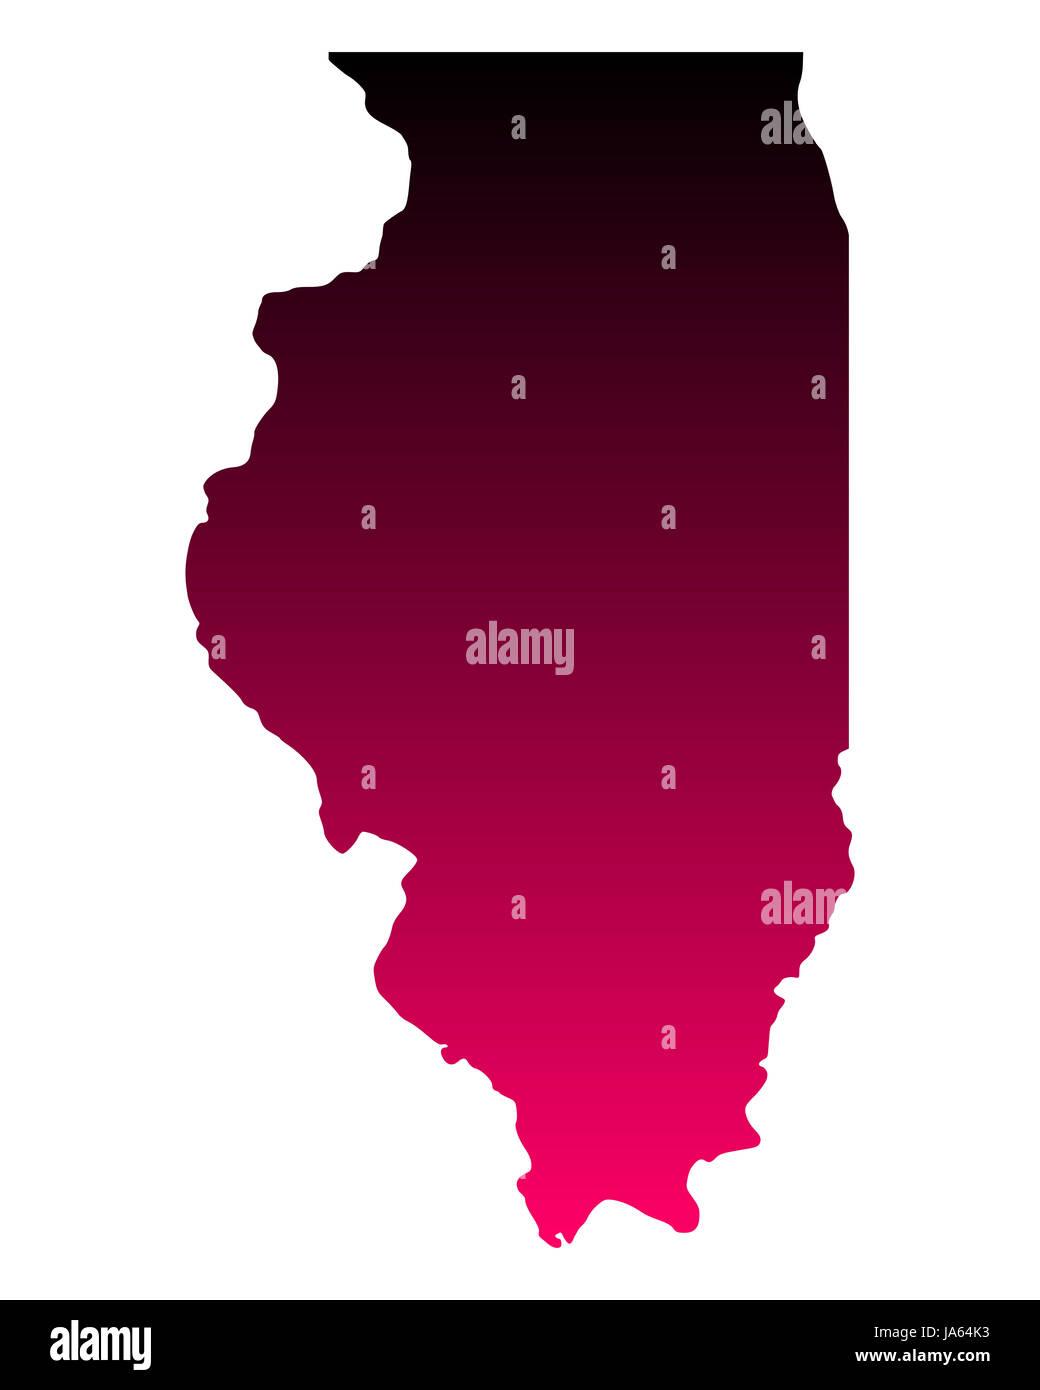 Karte von Illinois - Stock Image